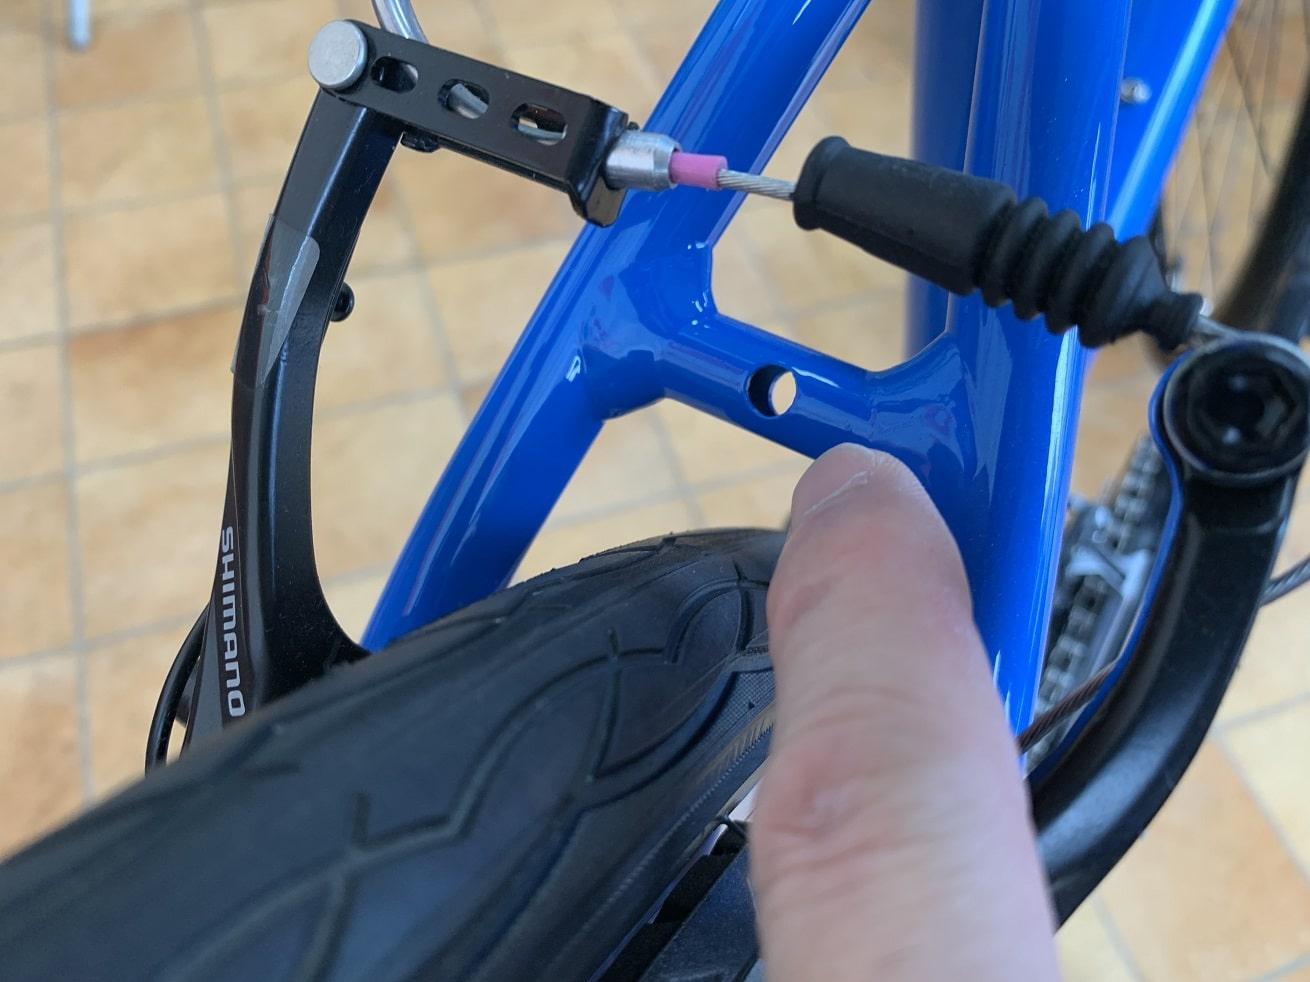 クロスバイクフェンダー取付時のチェック項目「シートステーブリッジ穴」